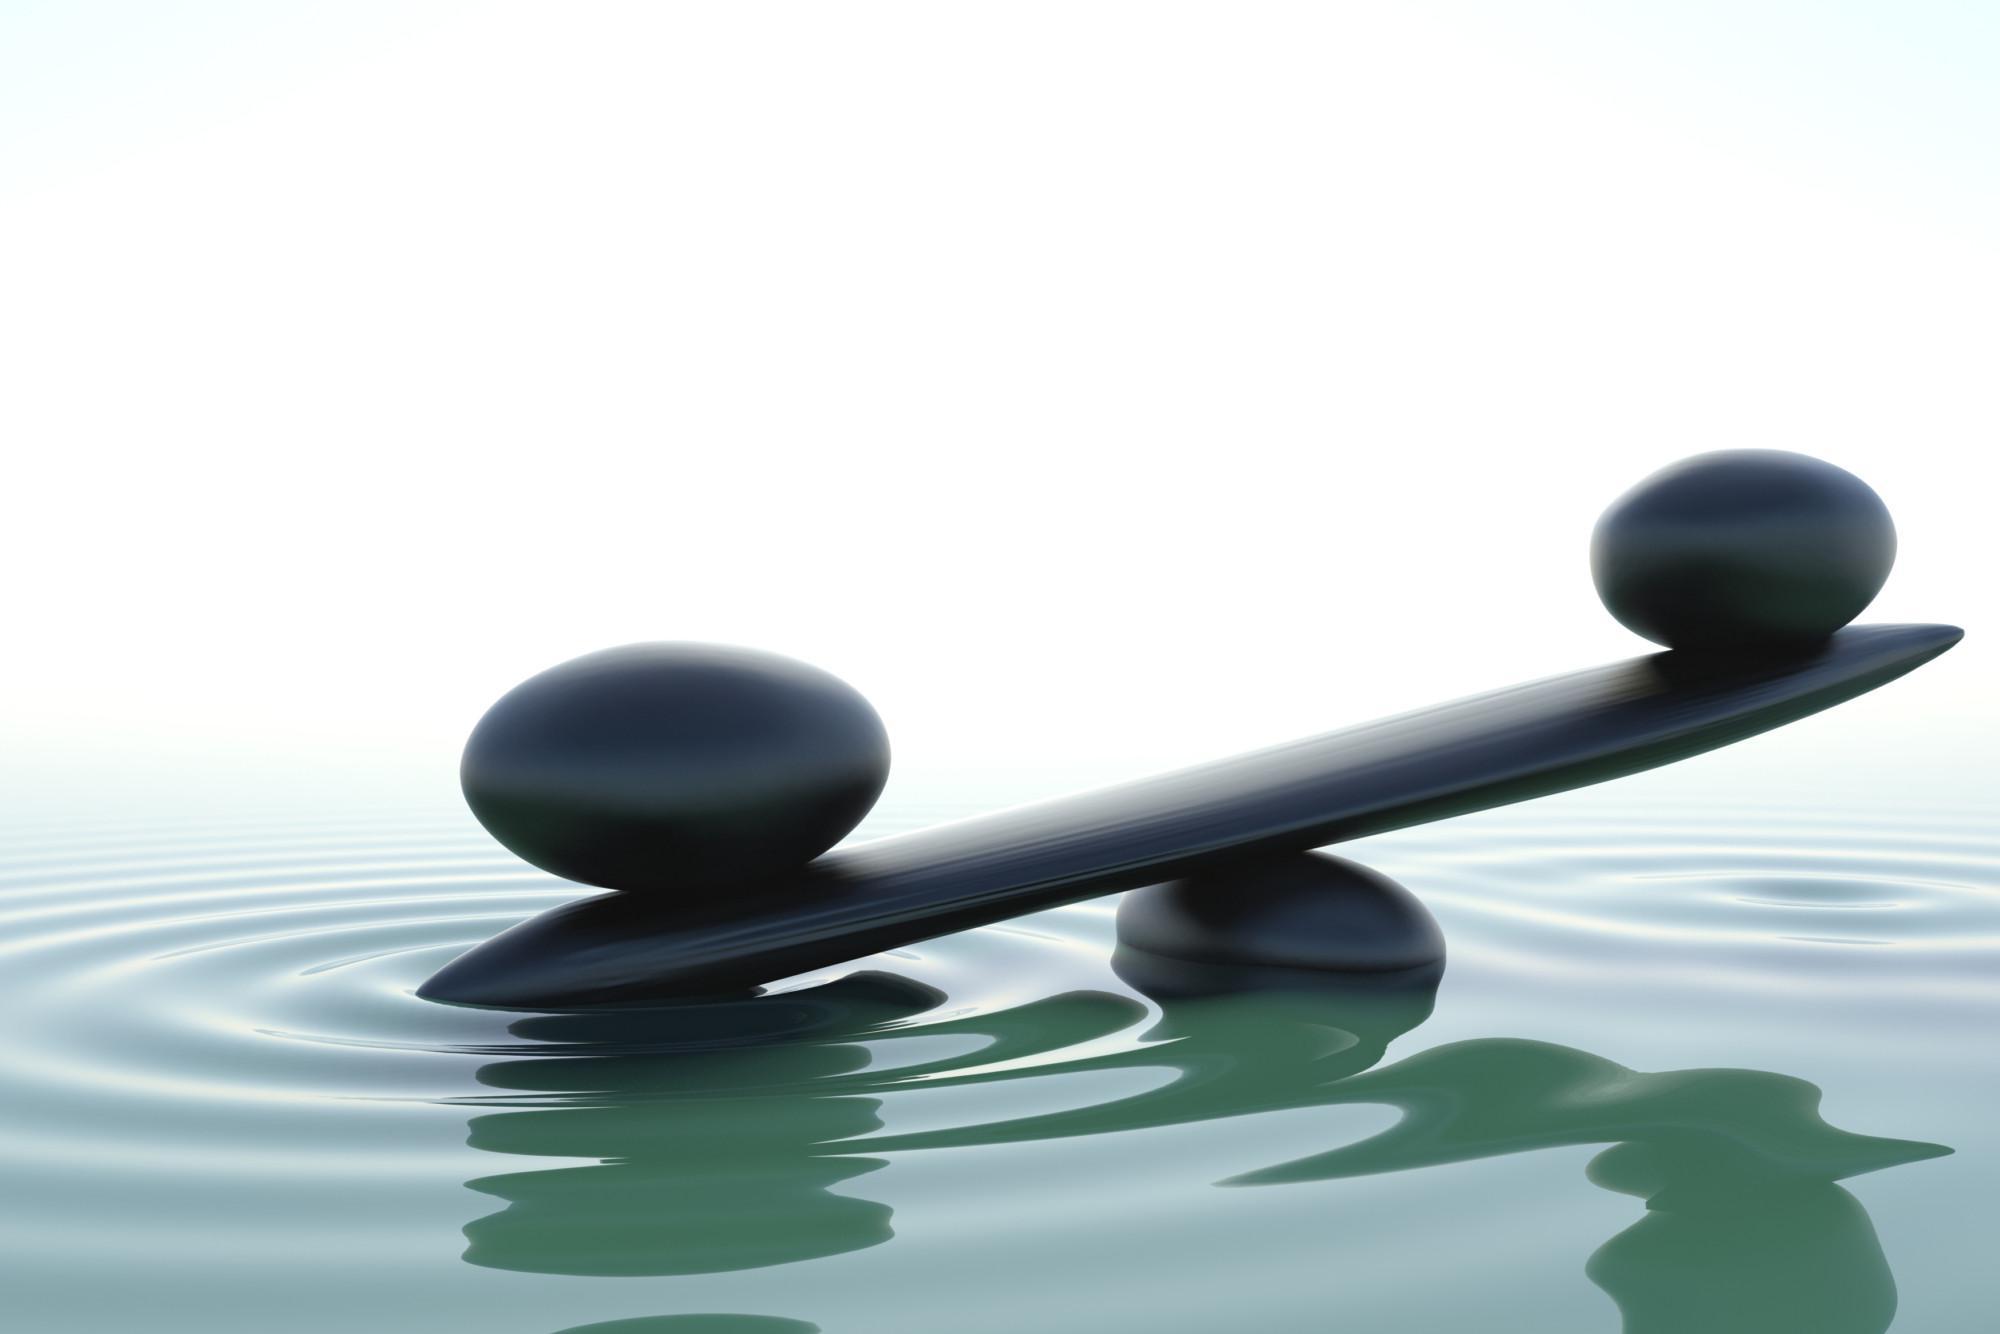 Υπάρχει τρόπος να βρεις ισορροπία στη ζωή σου